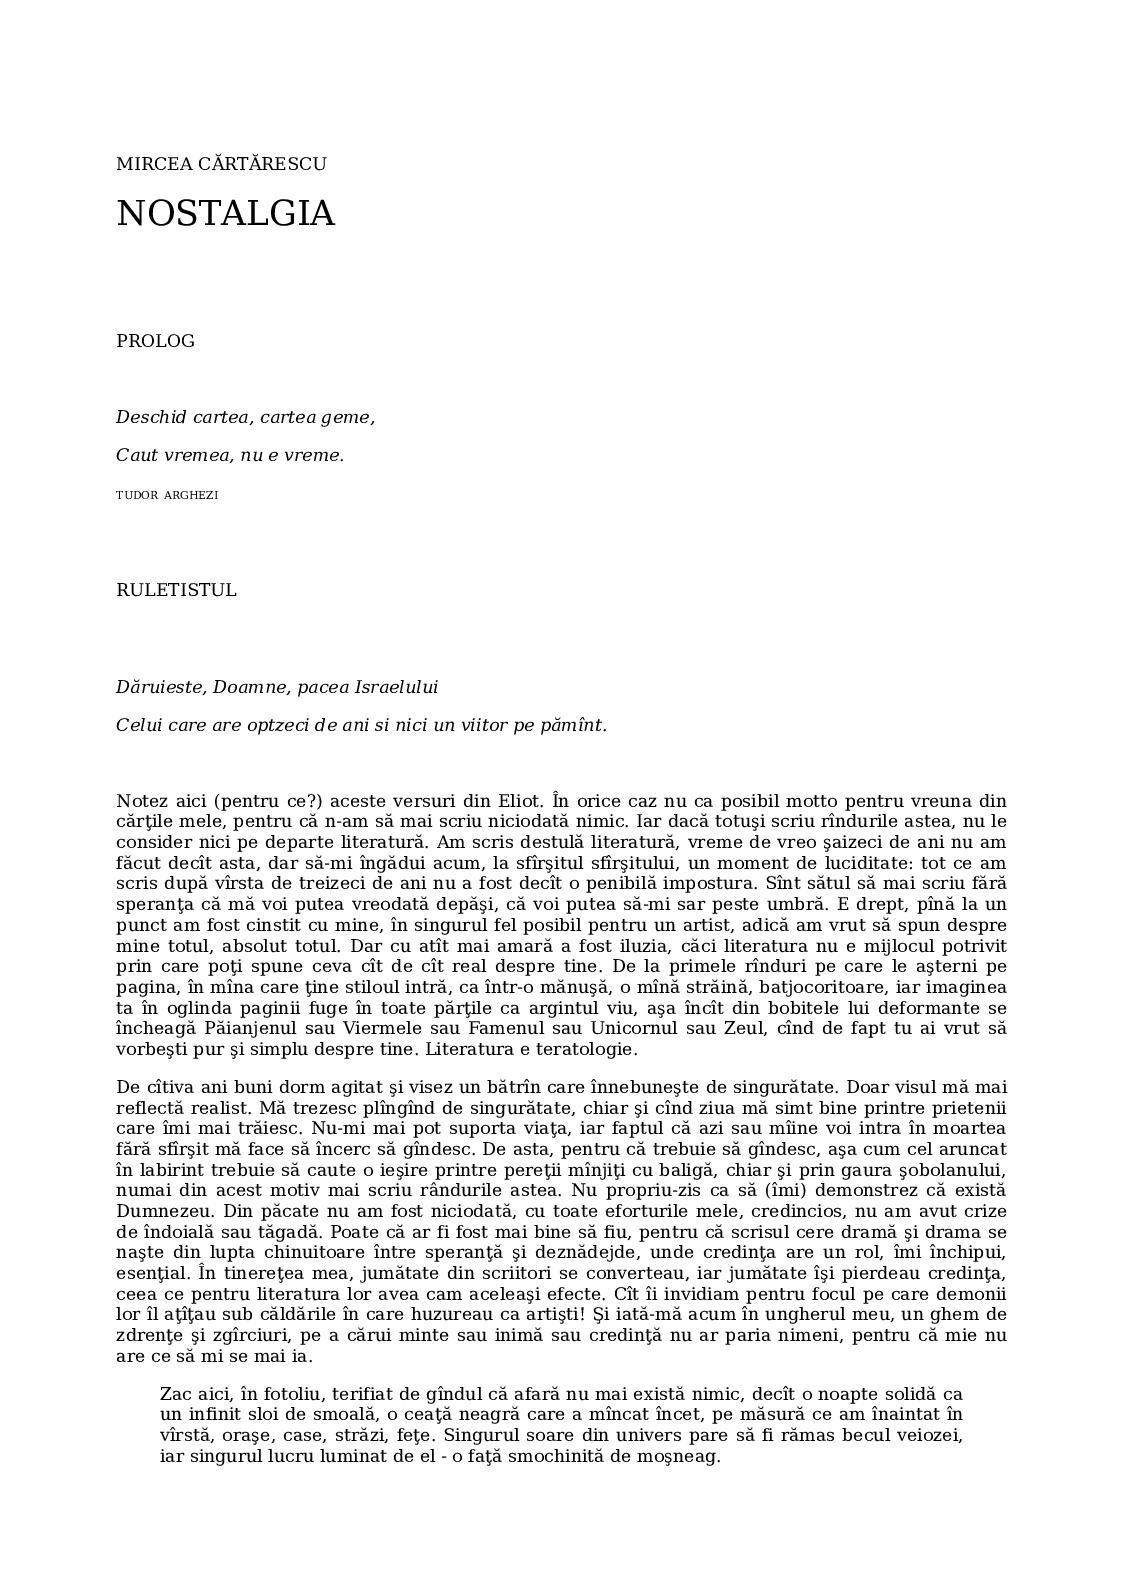 ornithogalum unguent pentru articulații cumpăra